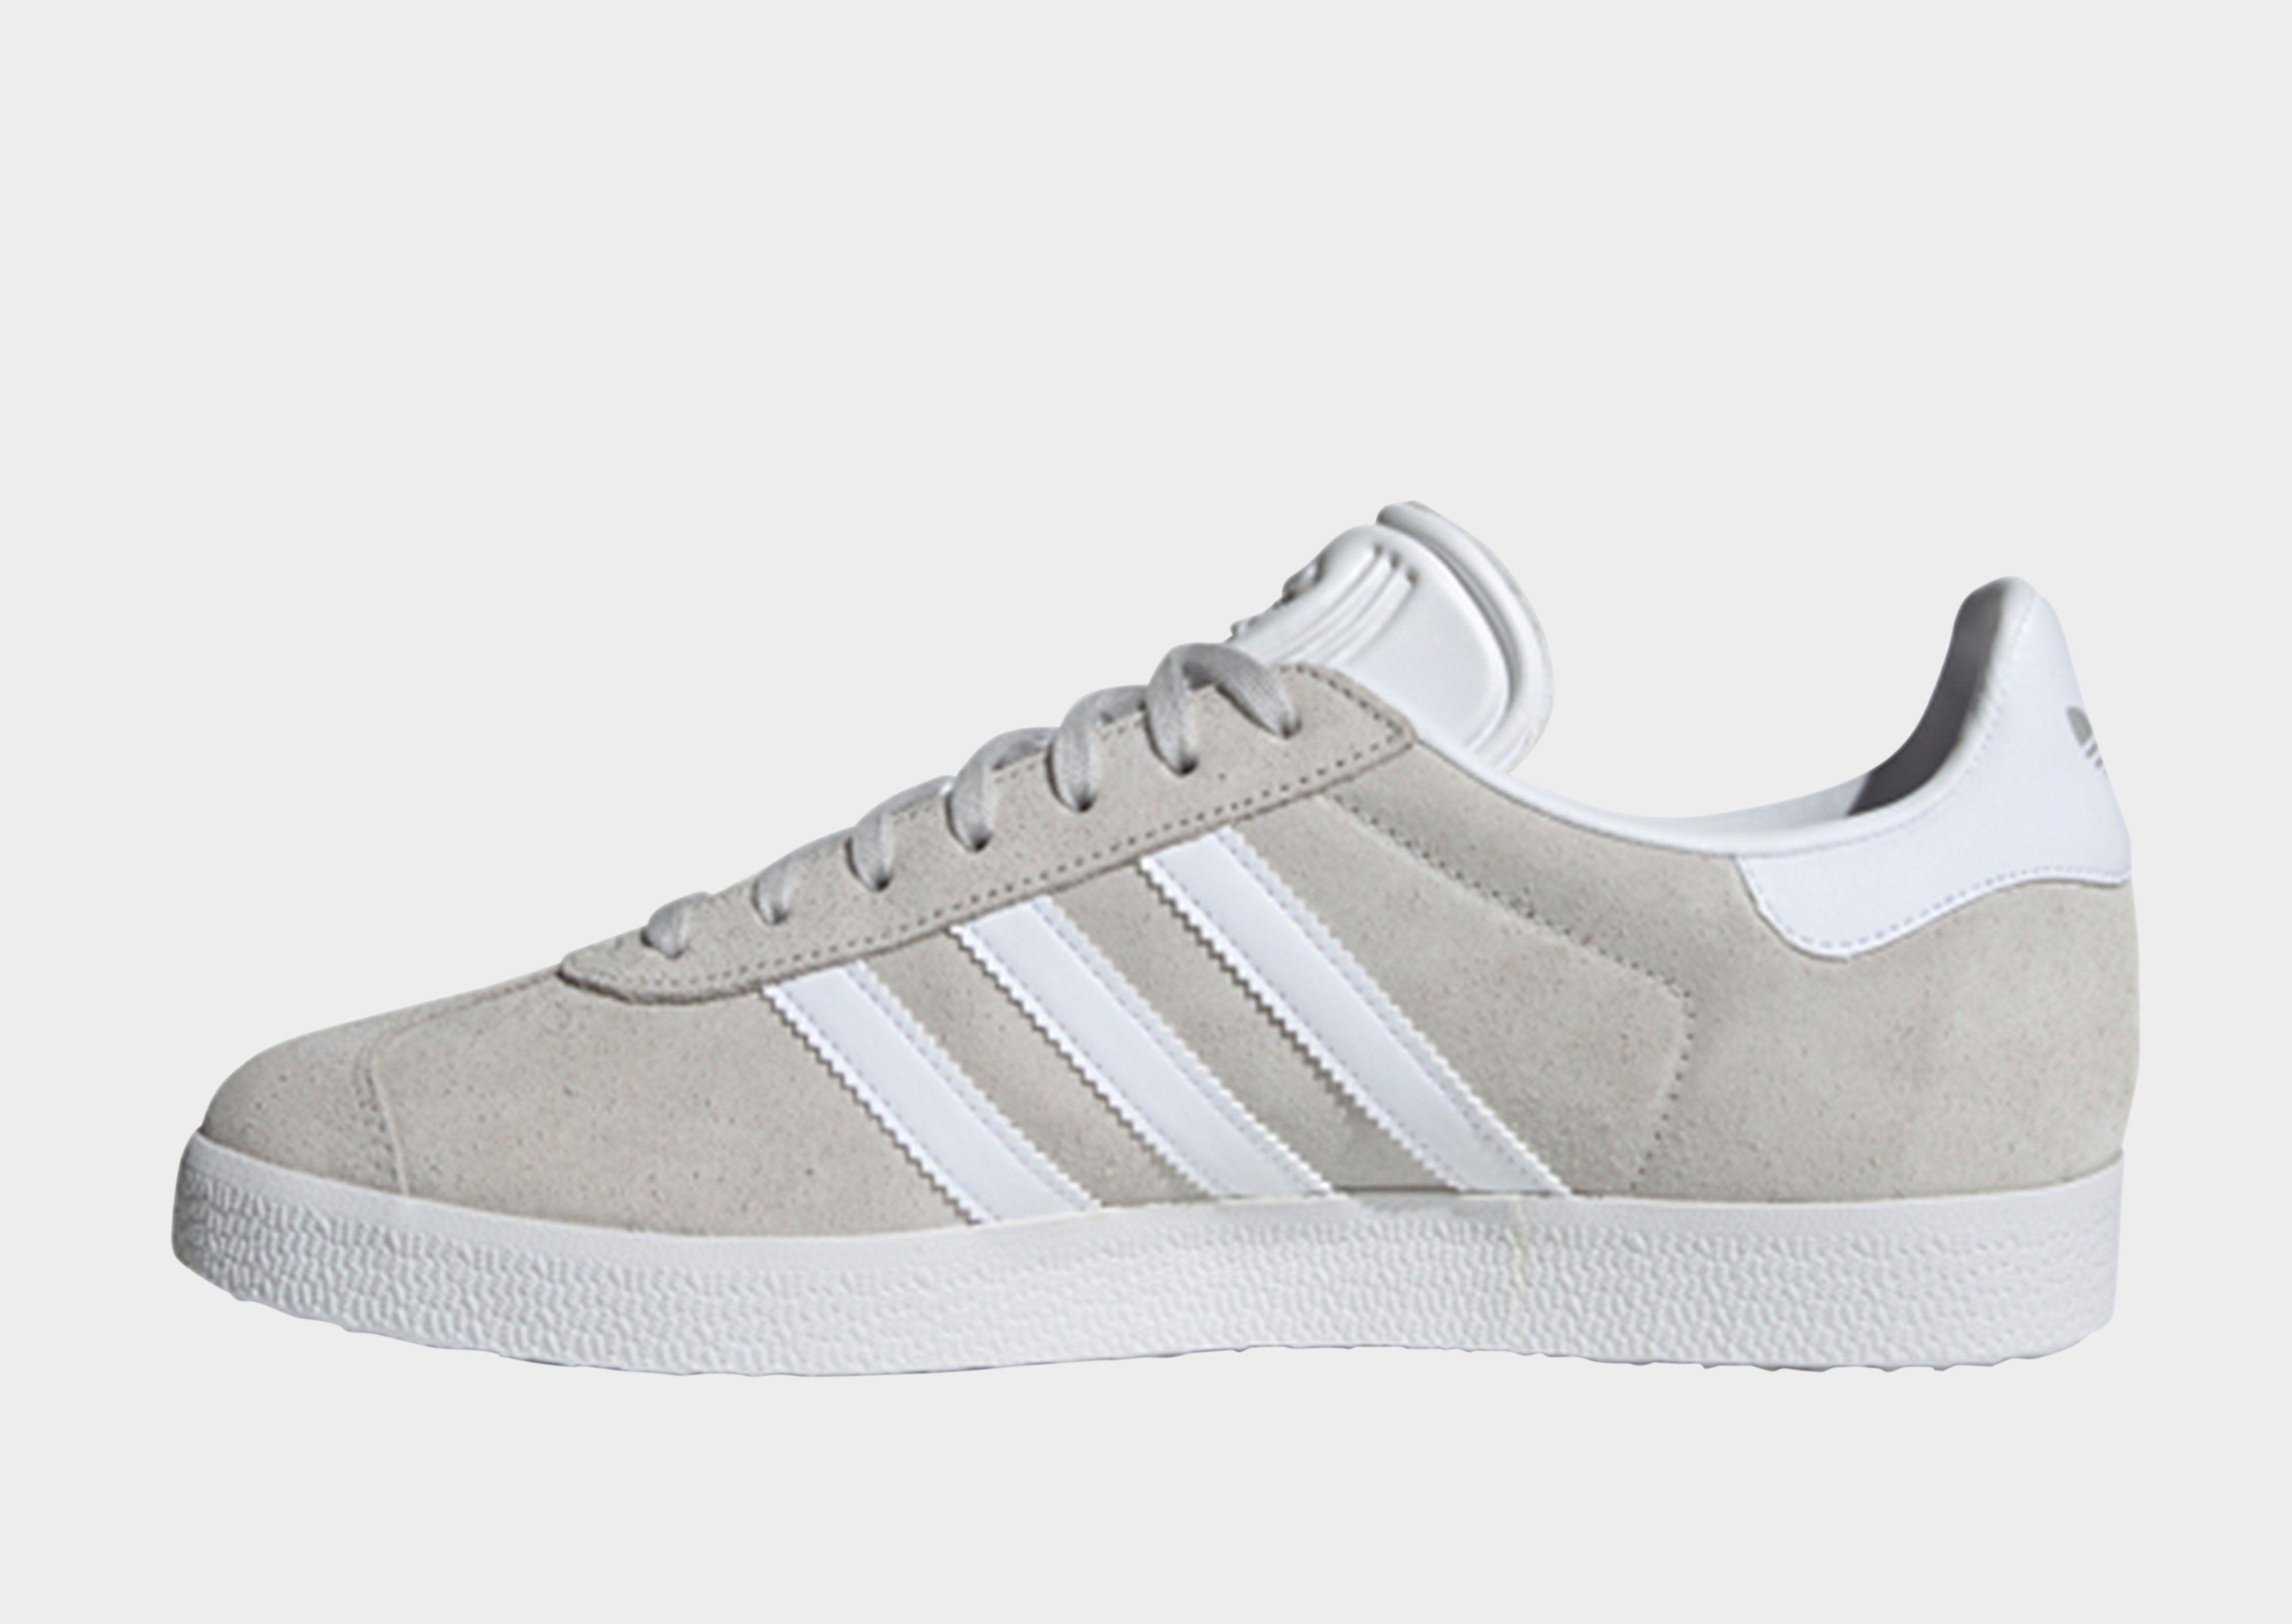 b142d1d7e ADIDAS Gazelle Shoes